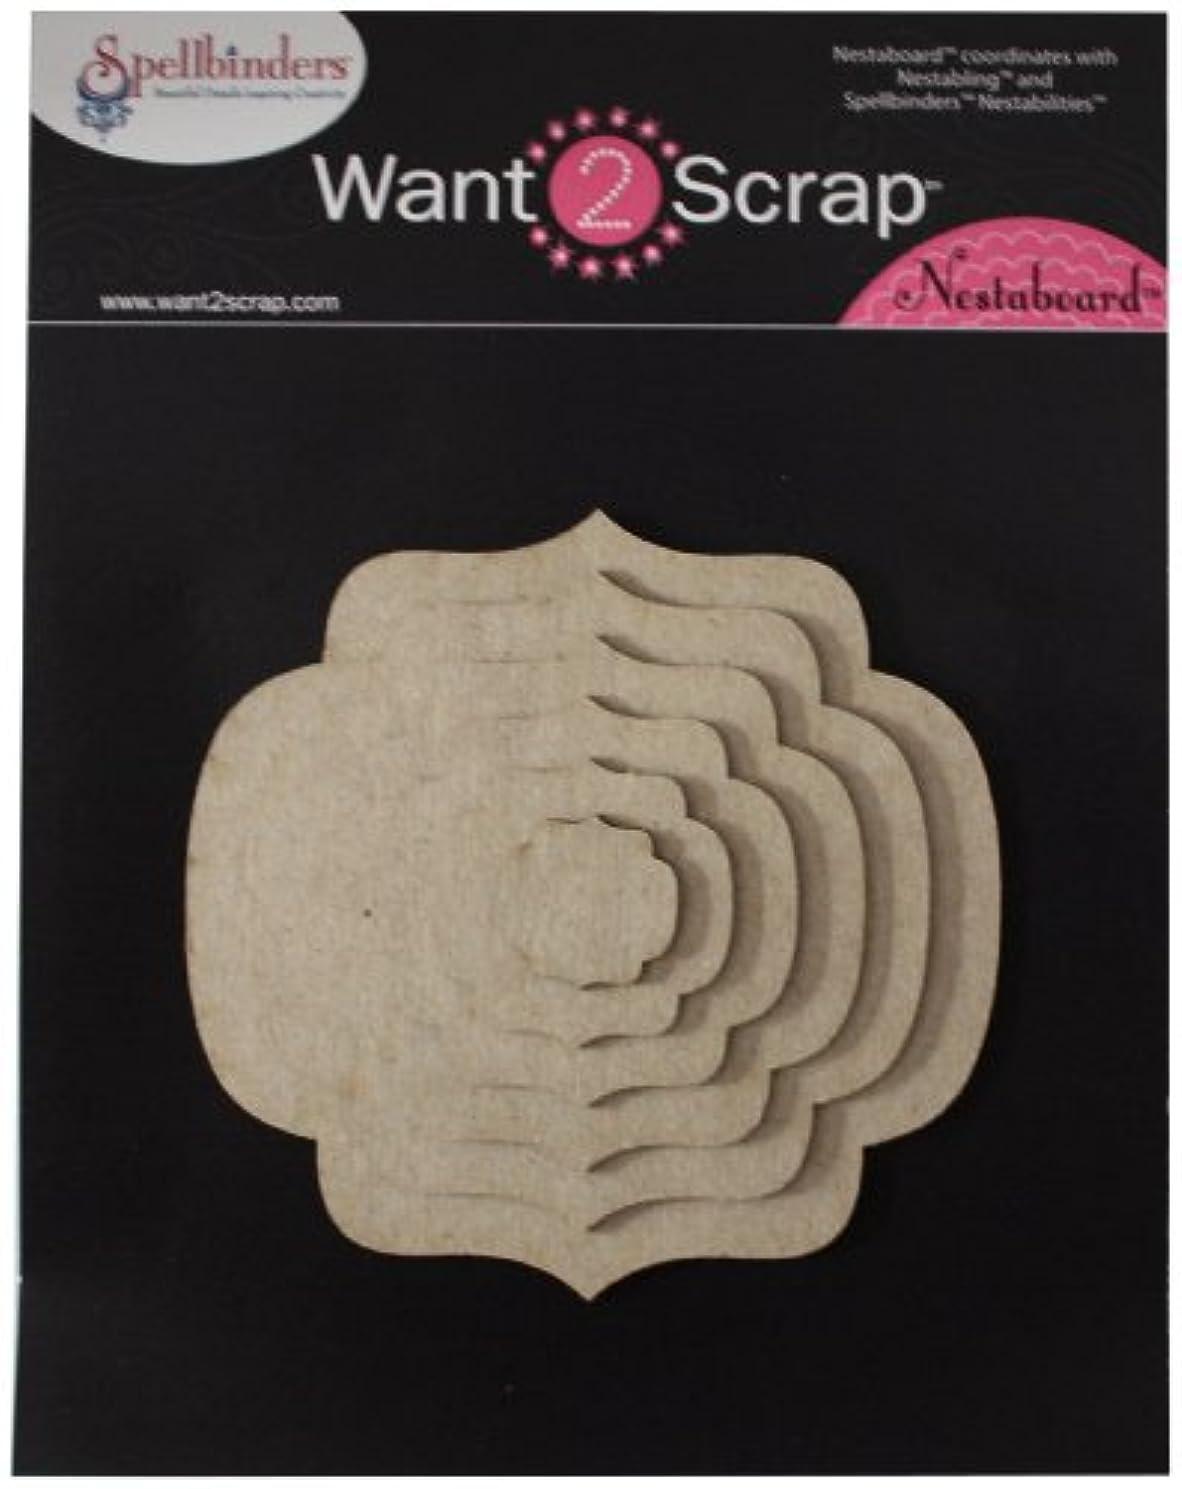 Want2Scrap Nestaboard Chipboard, Labels Nine